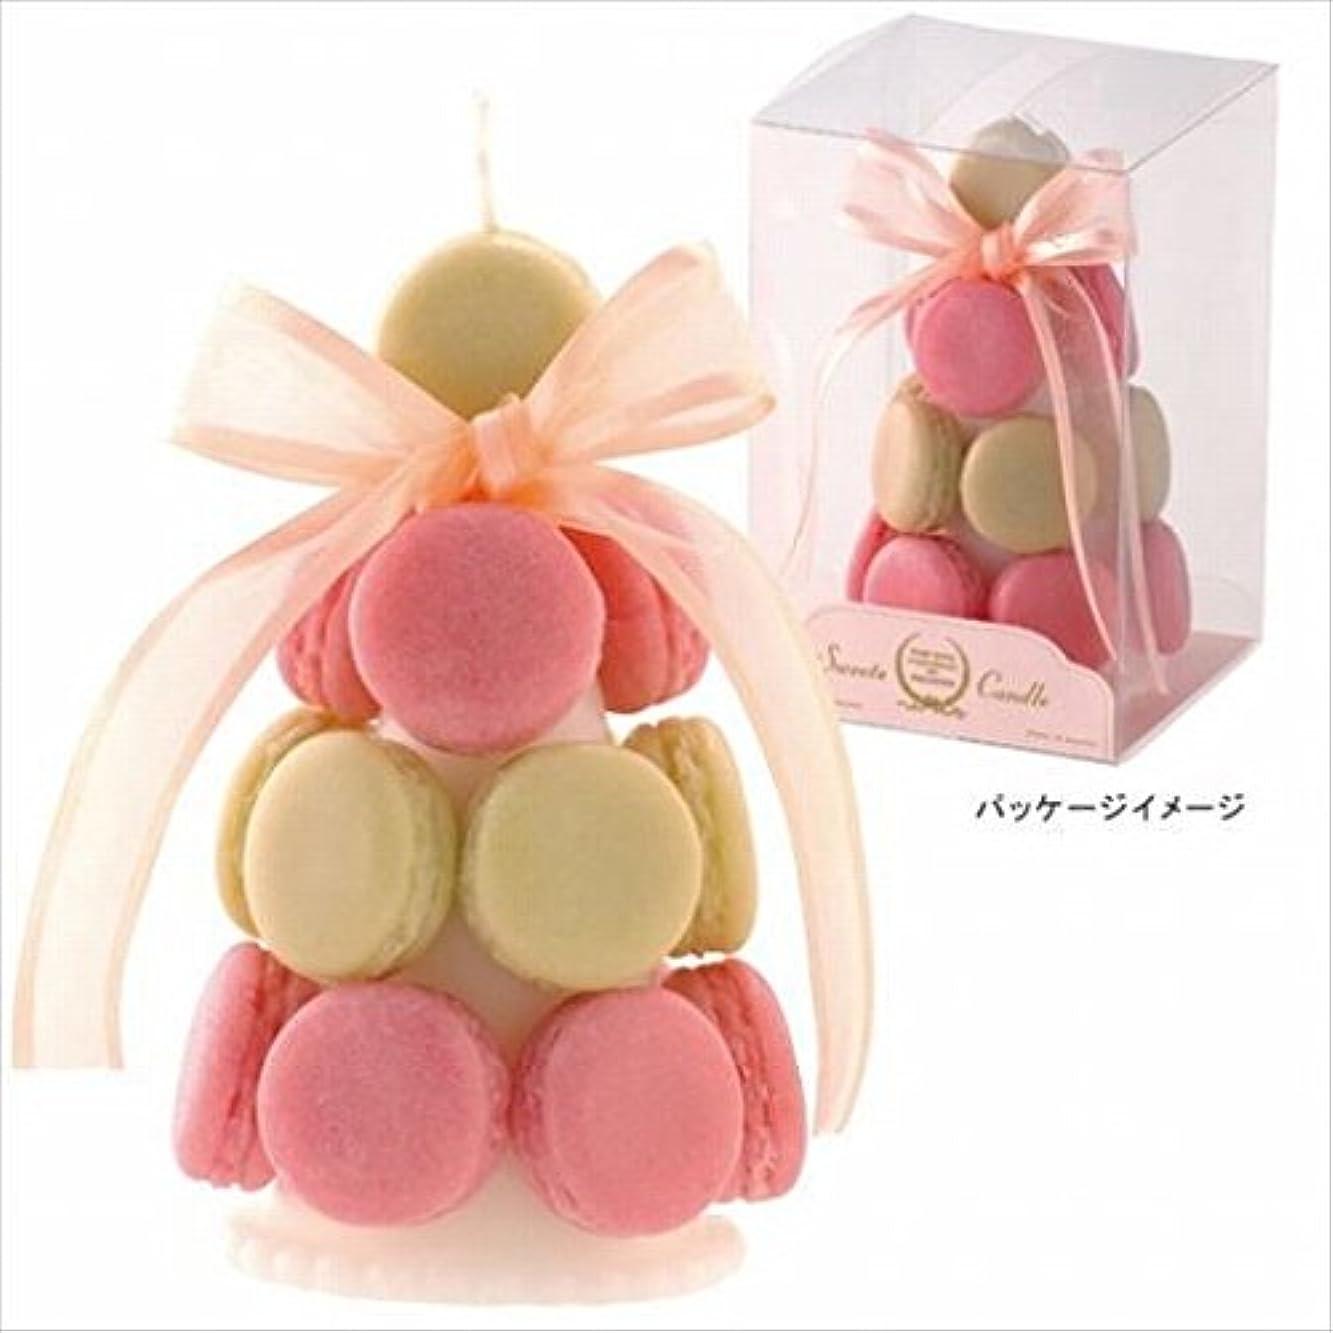 序文落ち着いたそうでなければkameyama candle(カメヤマキャンドル) ハッピーマカロンタワー 「 キャラメル 」6個セット(A4580510)